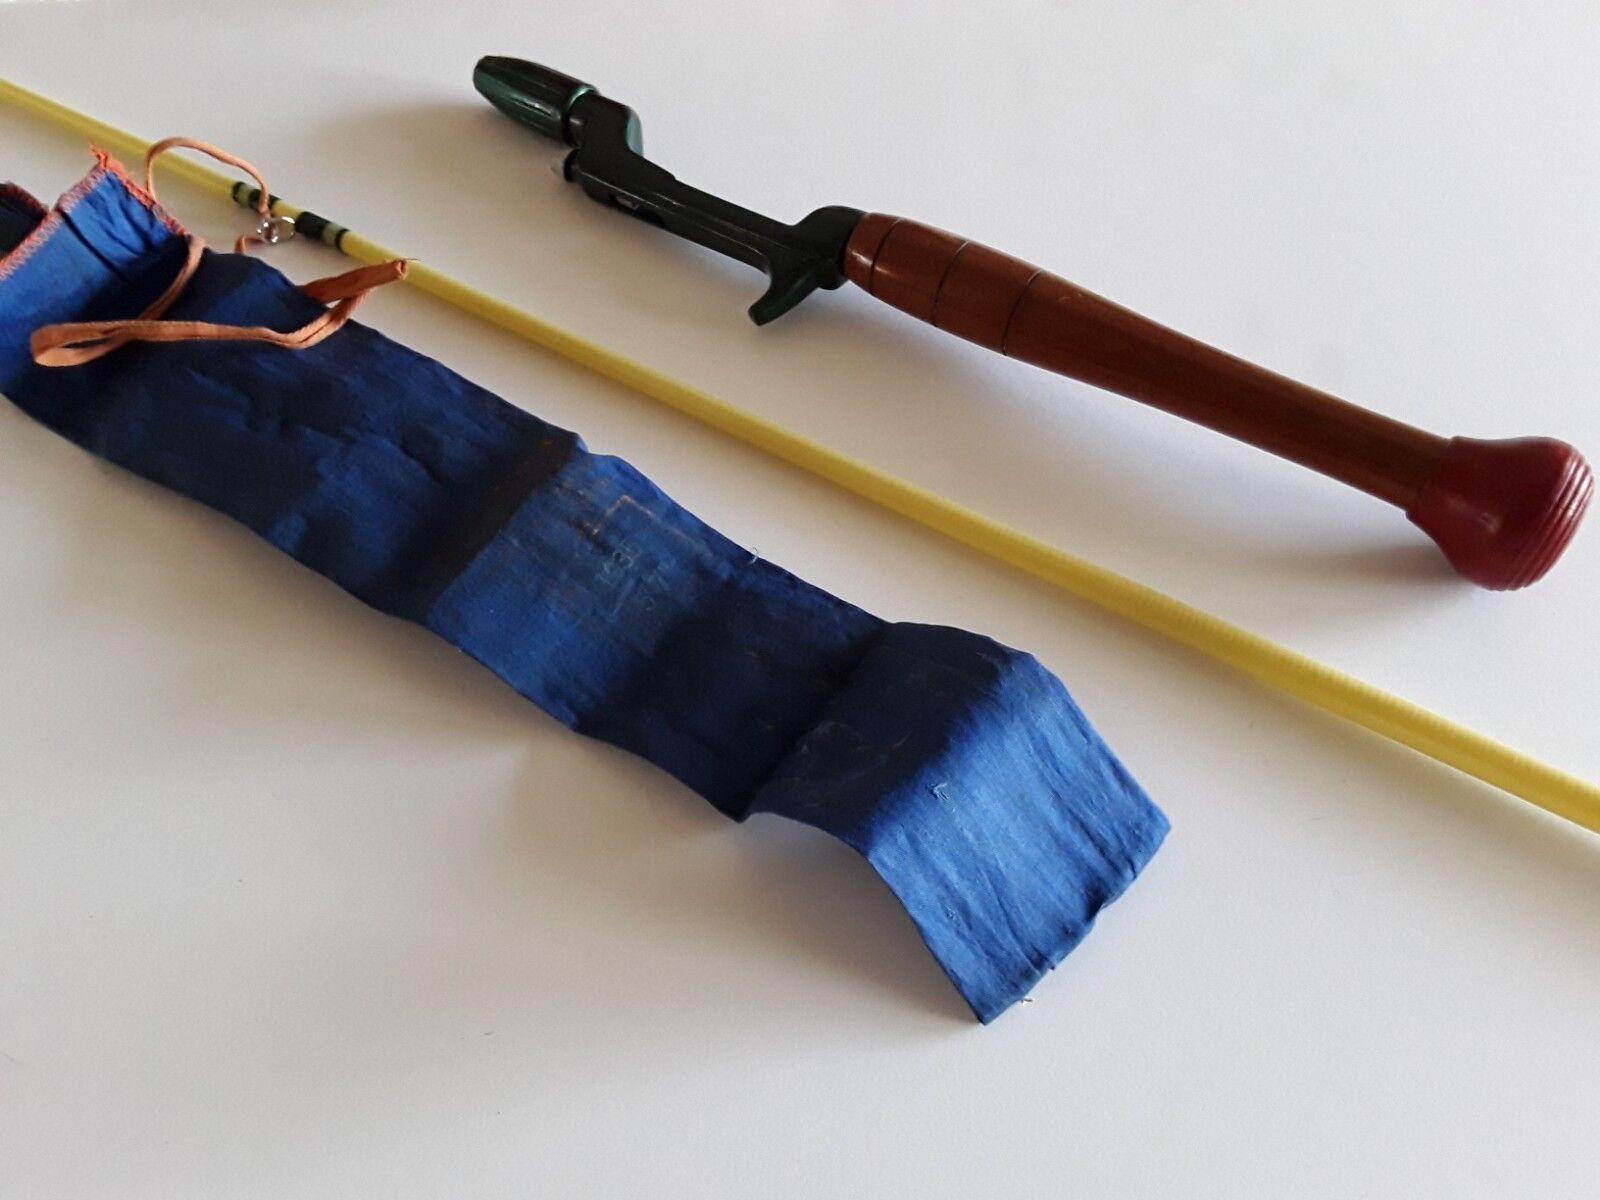 Vintage Shakespeare Wonderod Bait Casting Rod  1304 5'7